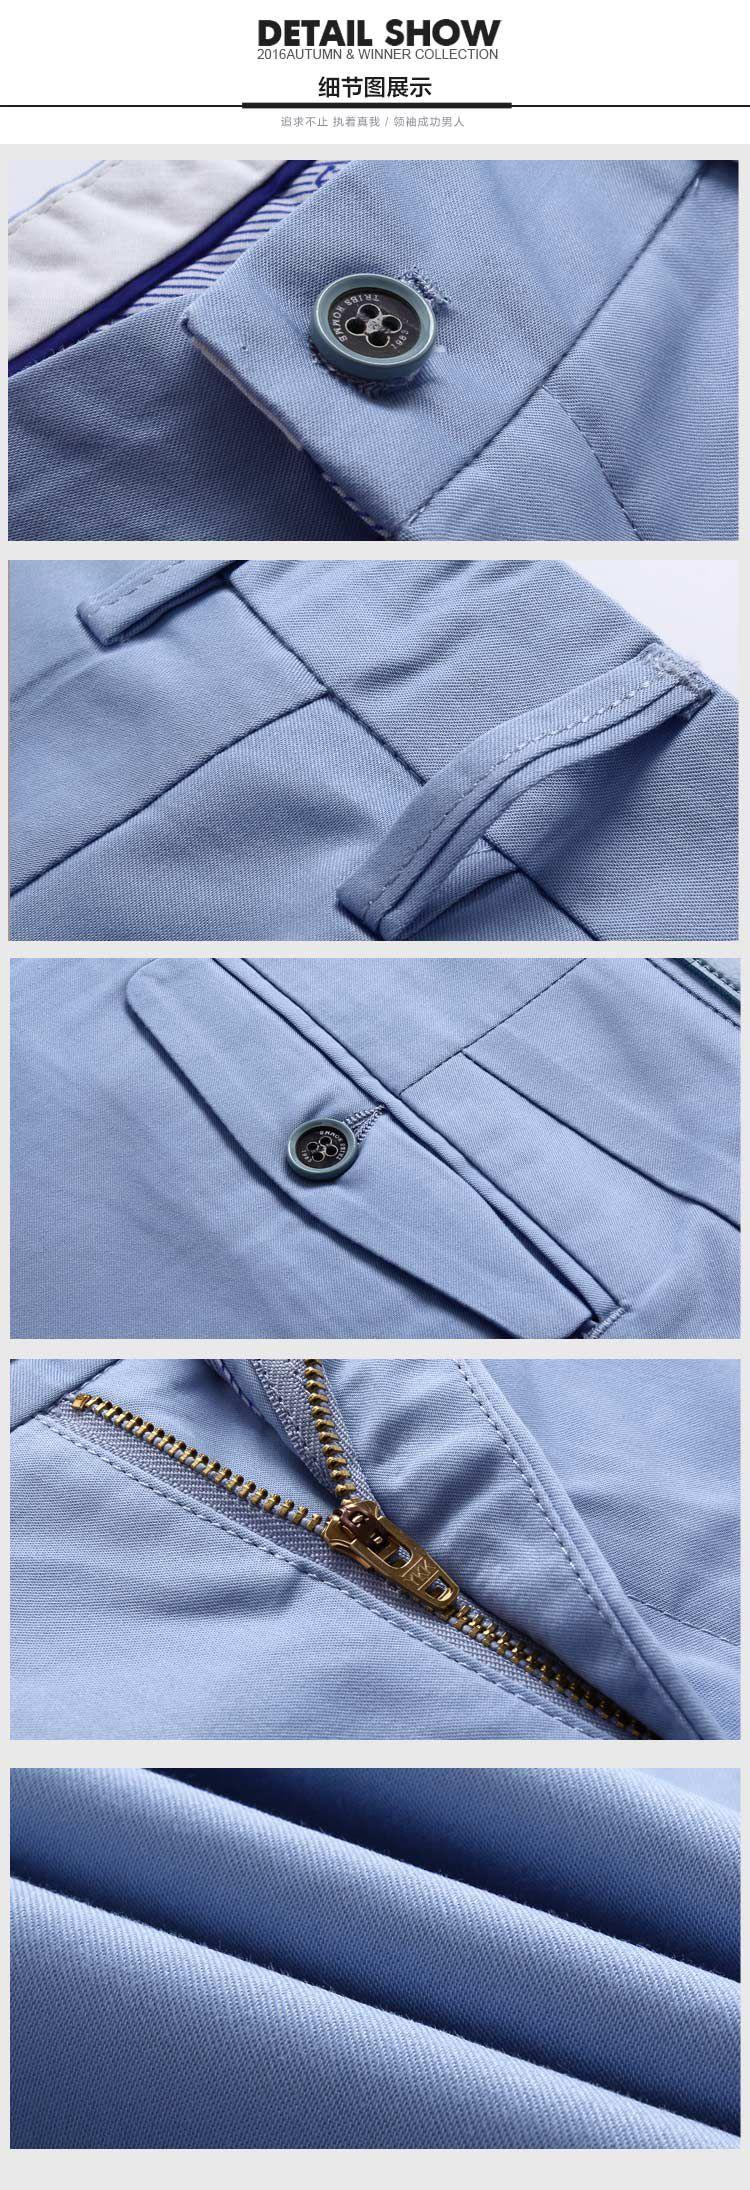 男装浅蓝色直筒中腰纯色休闲短裤